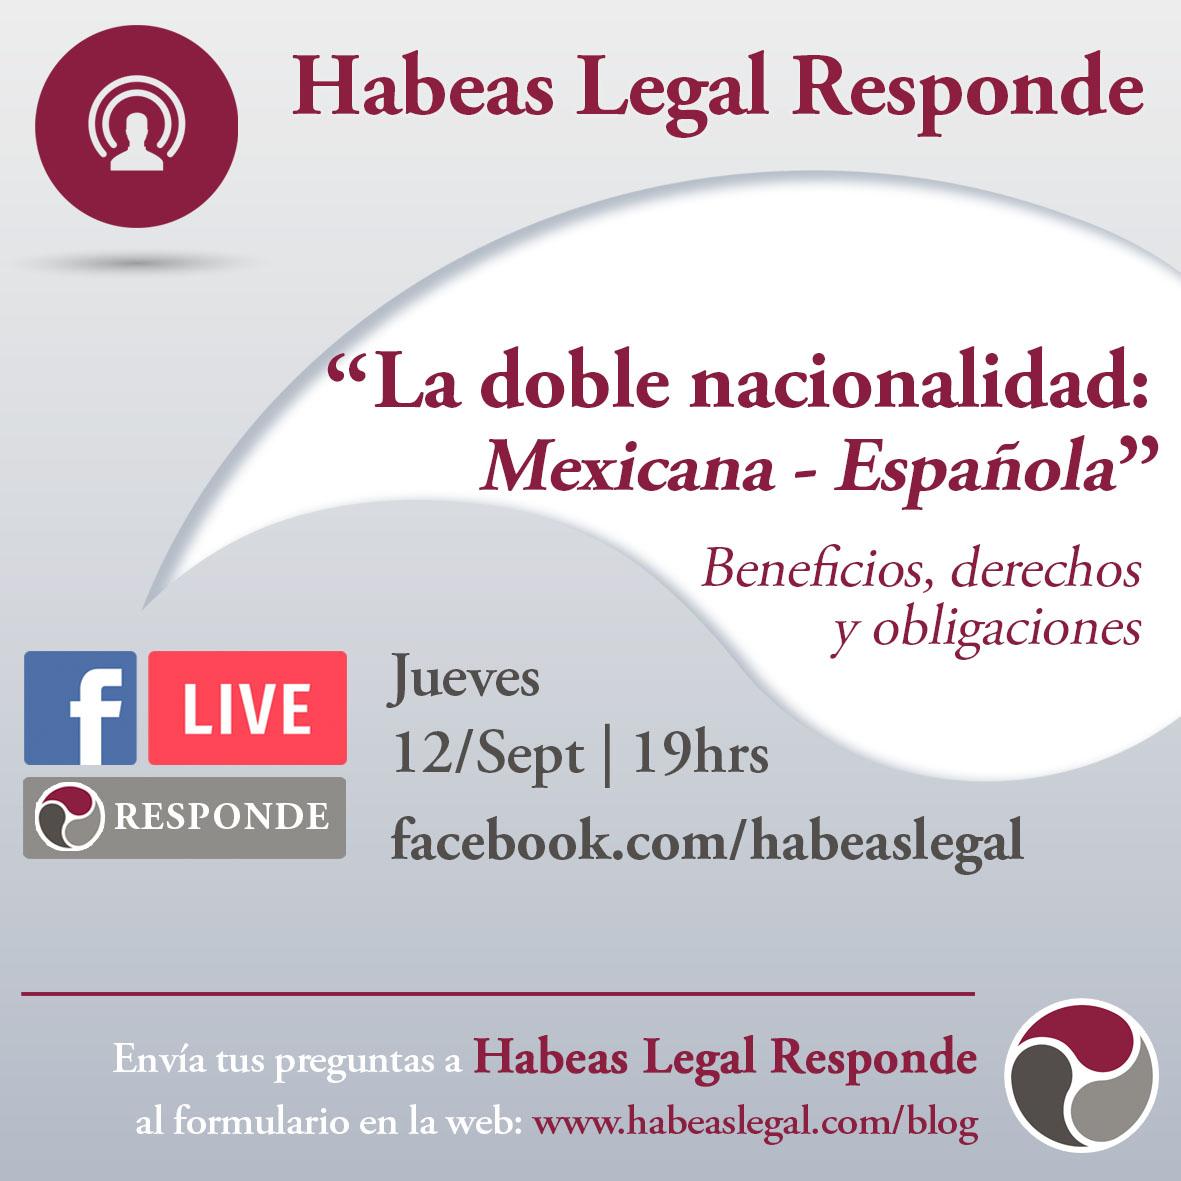 Habeas FB Live calendar Doble Nacionalidad 12Sept - La doble nacionalidad: mexicana/española - Facebook LIVE